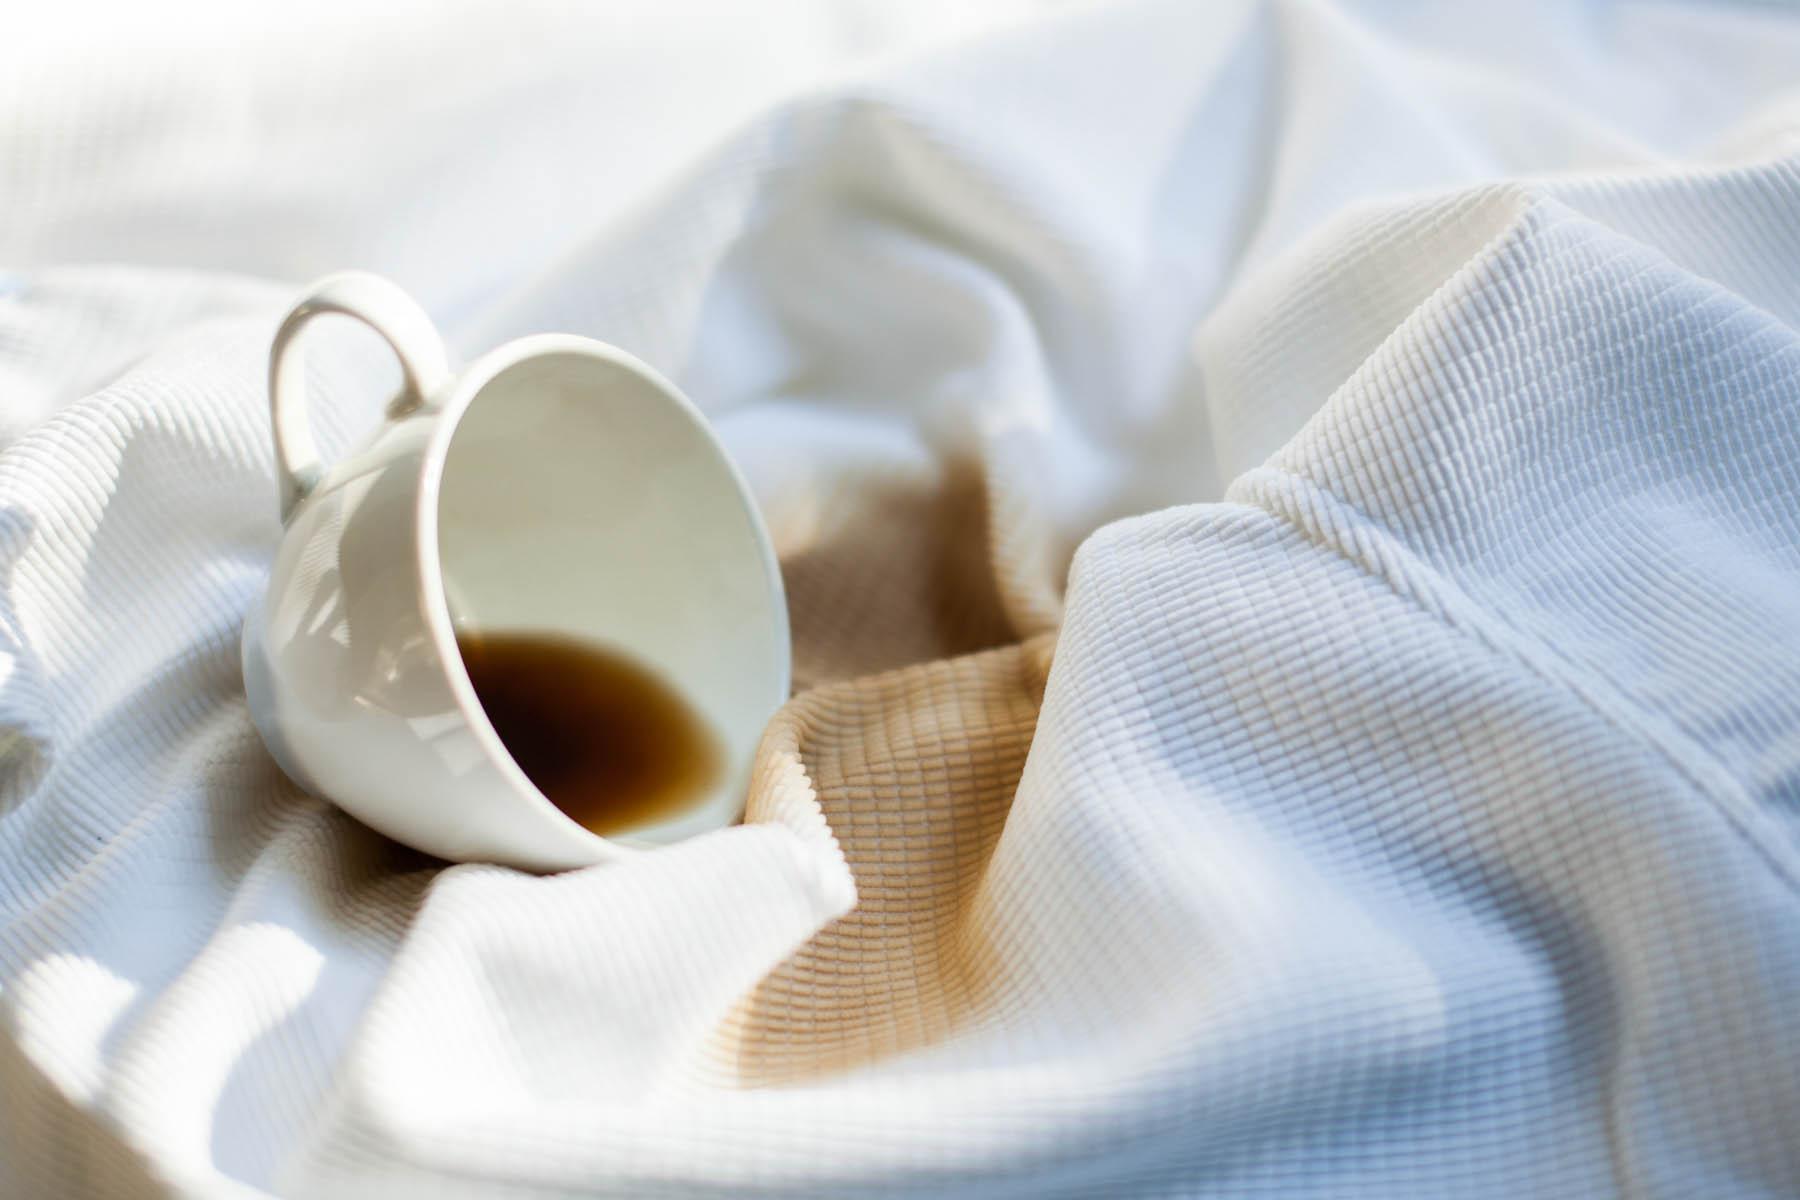 Jak odstranit skvrny od kávy?